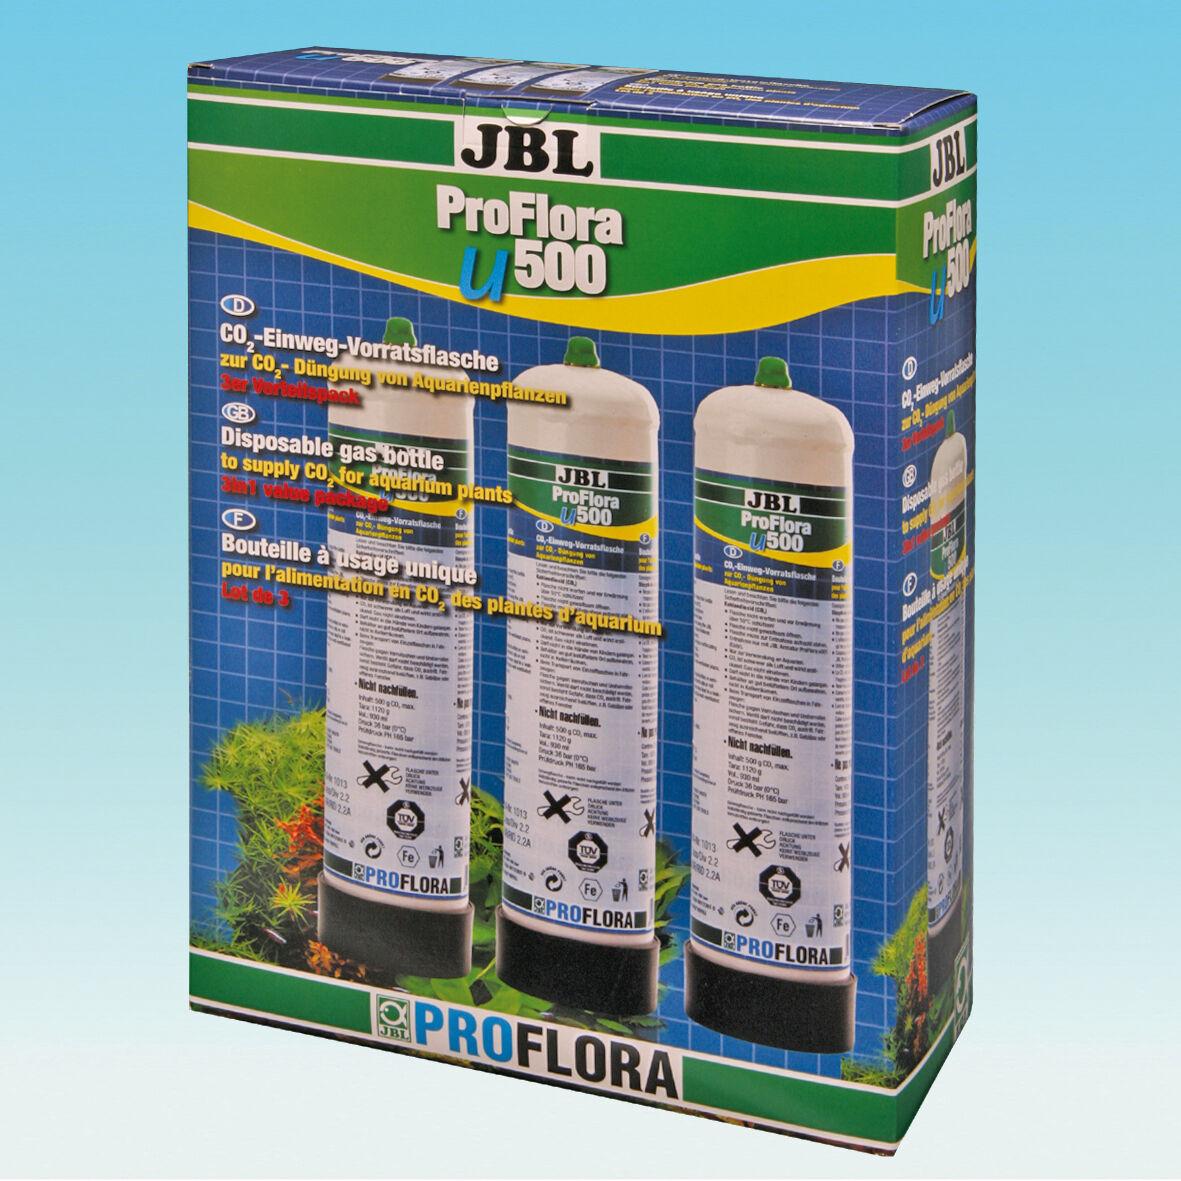 JBL ProFlora 3x u500 co2 Ricambio Flacone scorta bottiglia flacone monouso